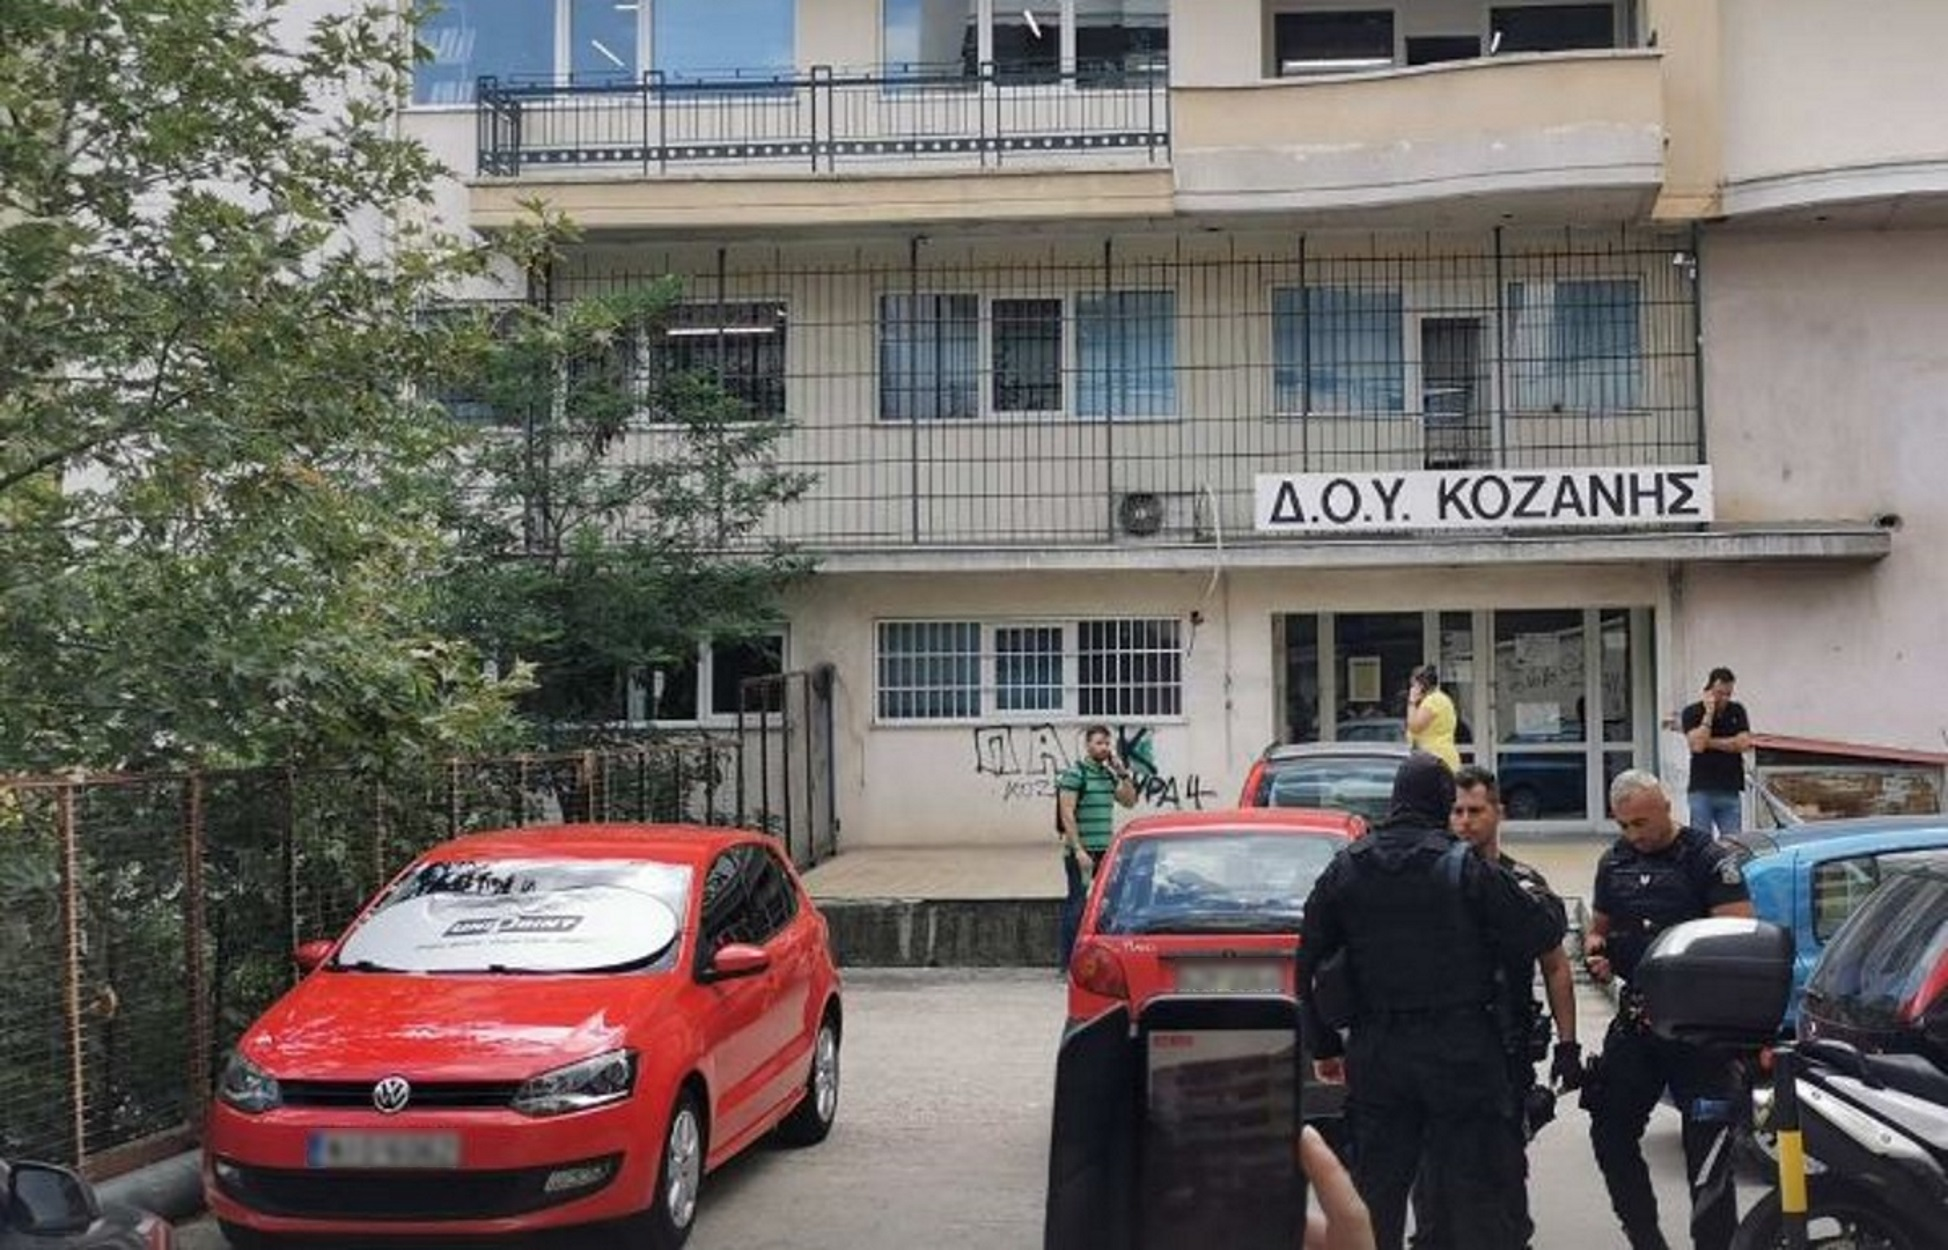 ΑΑΔΕ: Στη Βουλή η τροπολογία για βαριά πρόστιμα σε όσους επιτίθενται σε εφοριακούς